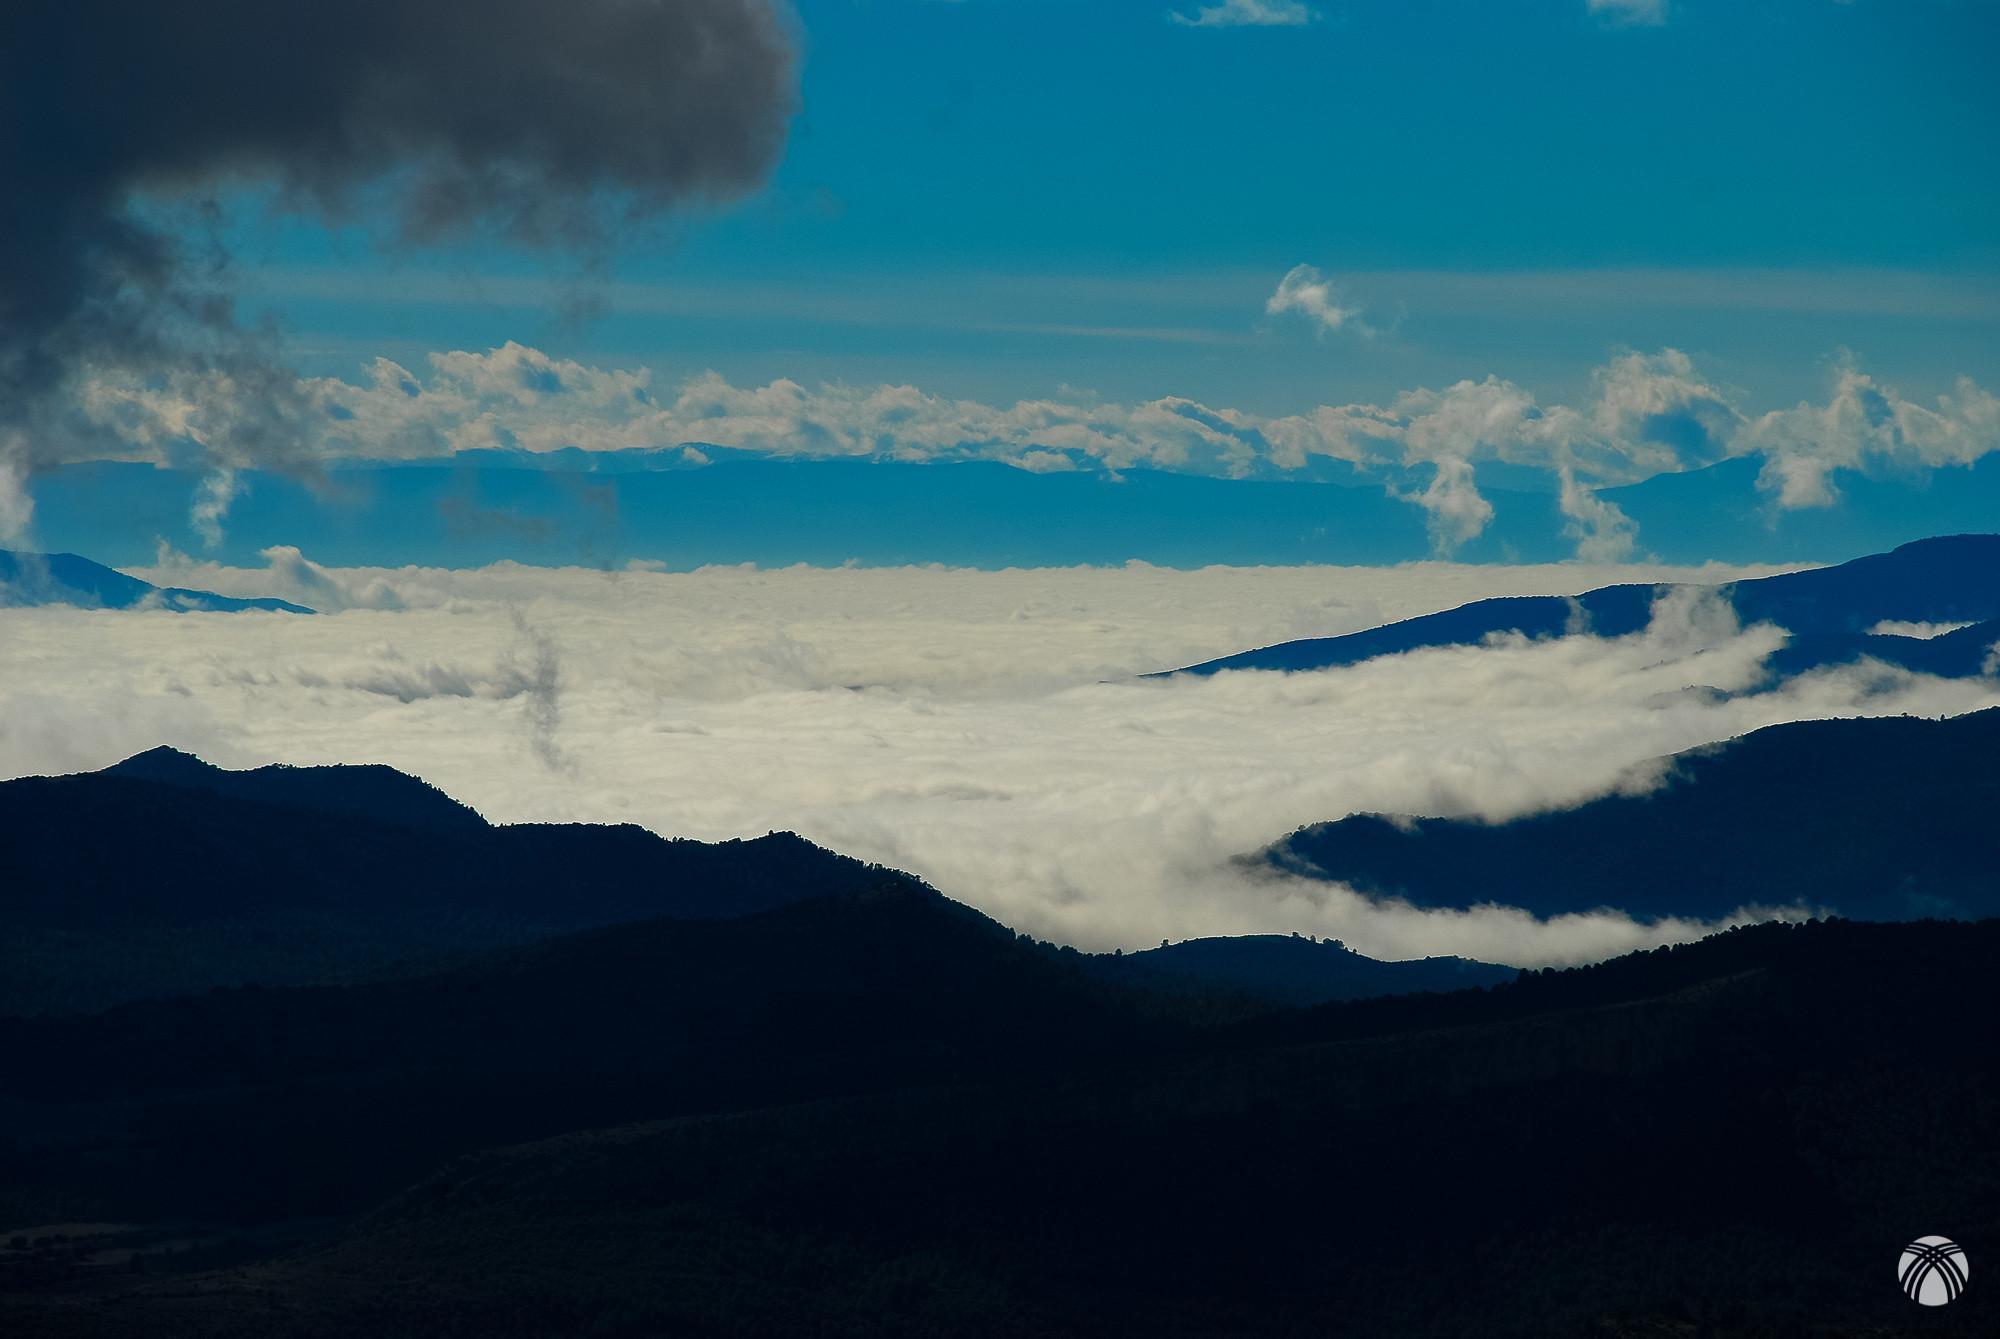 Una foto con más detalle del mar de nubes en la depresión del campo de Buguéjar